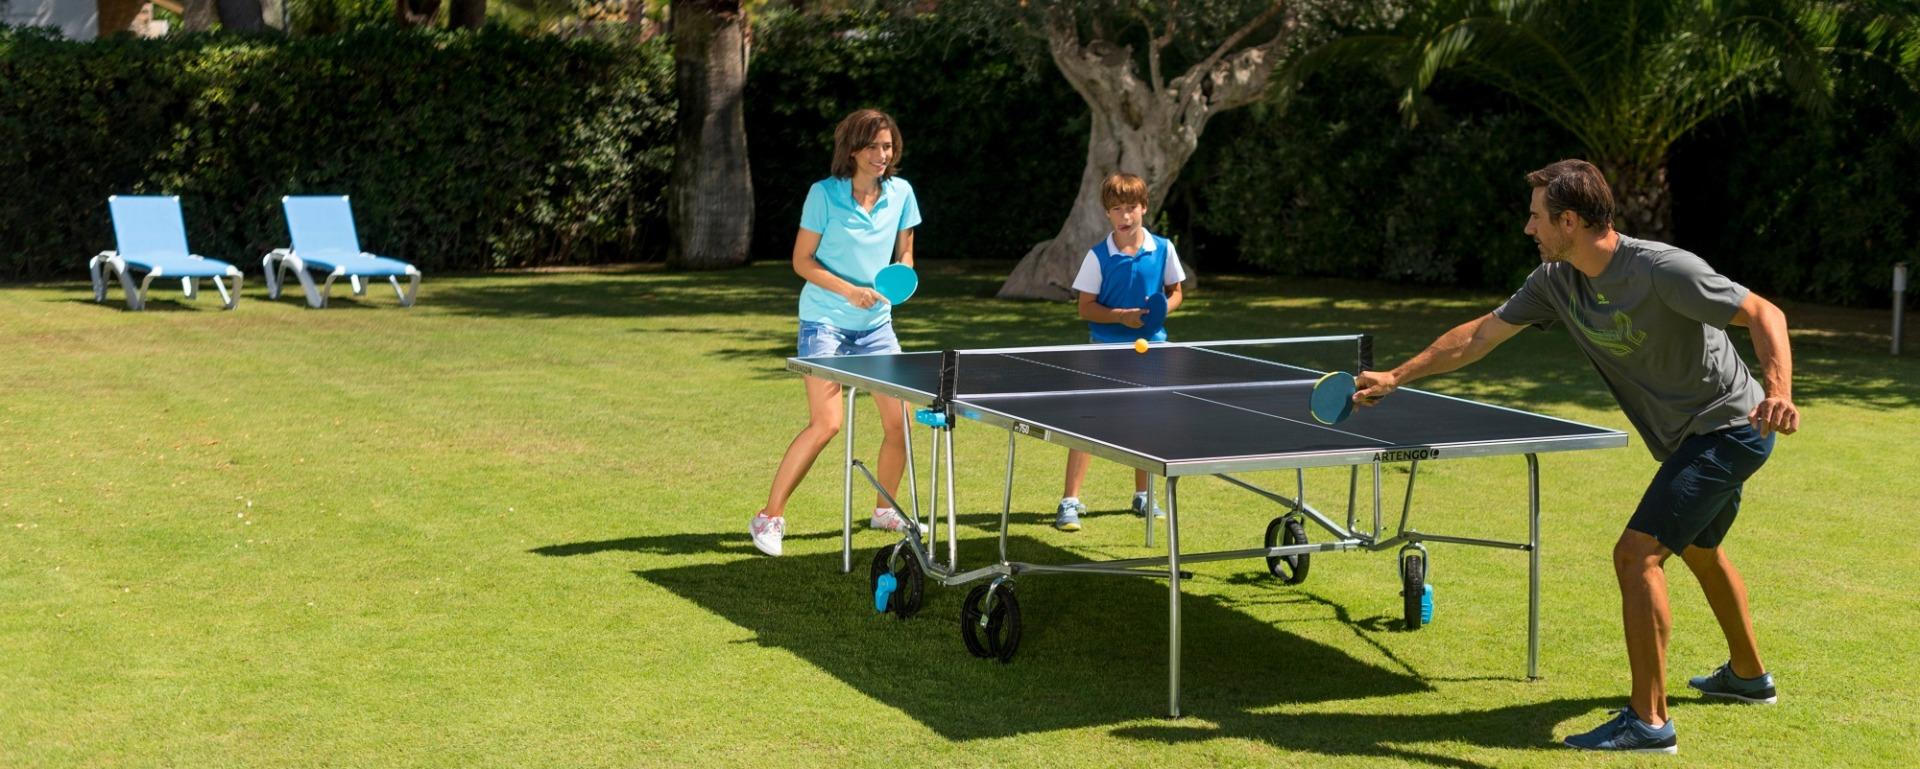 Un De Comment Organiser Table Tennis Tournoi BCrdWQxoe